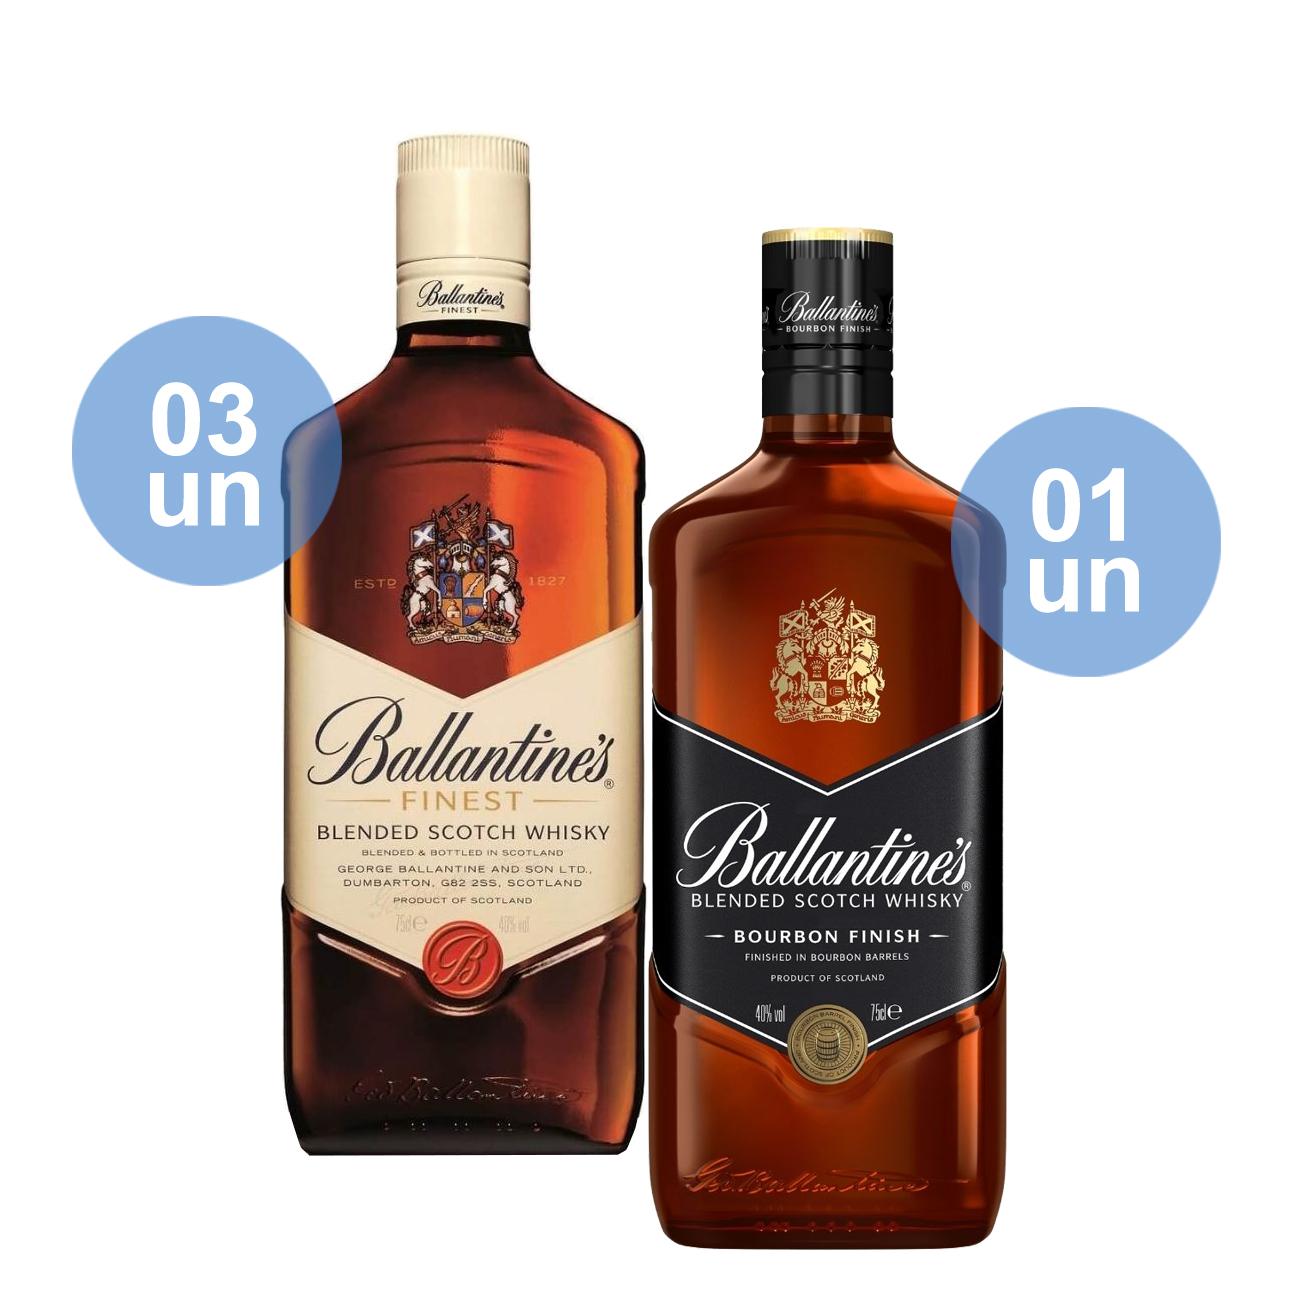 Compre 03 Ballantine's Finest 750mL e ganhe 01 Ballantine's Bourbon